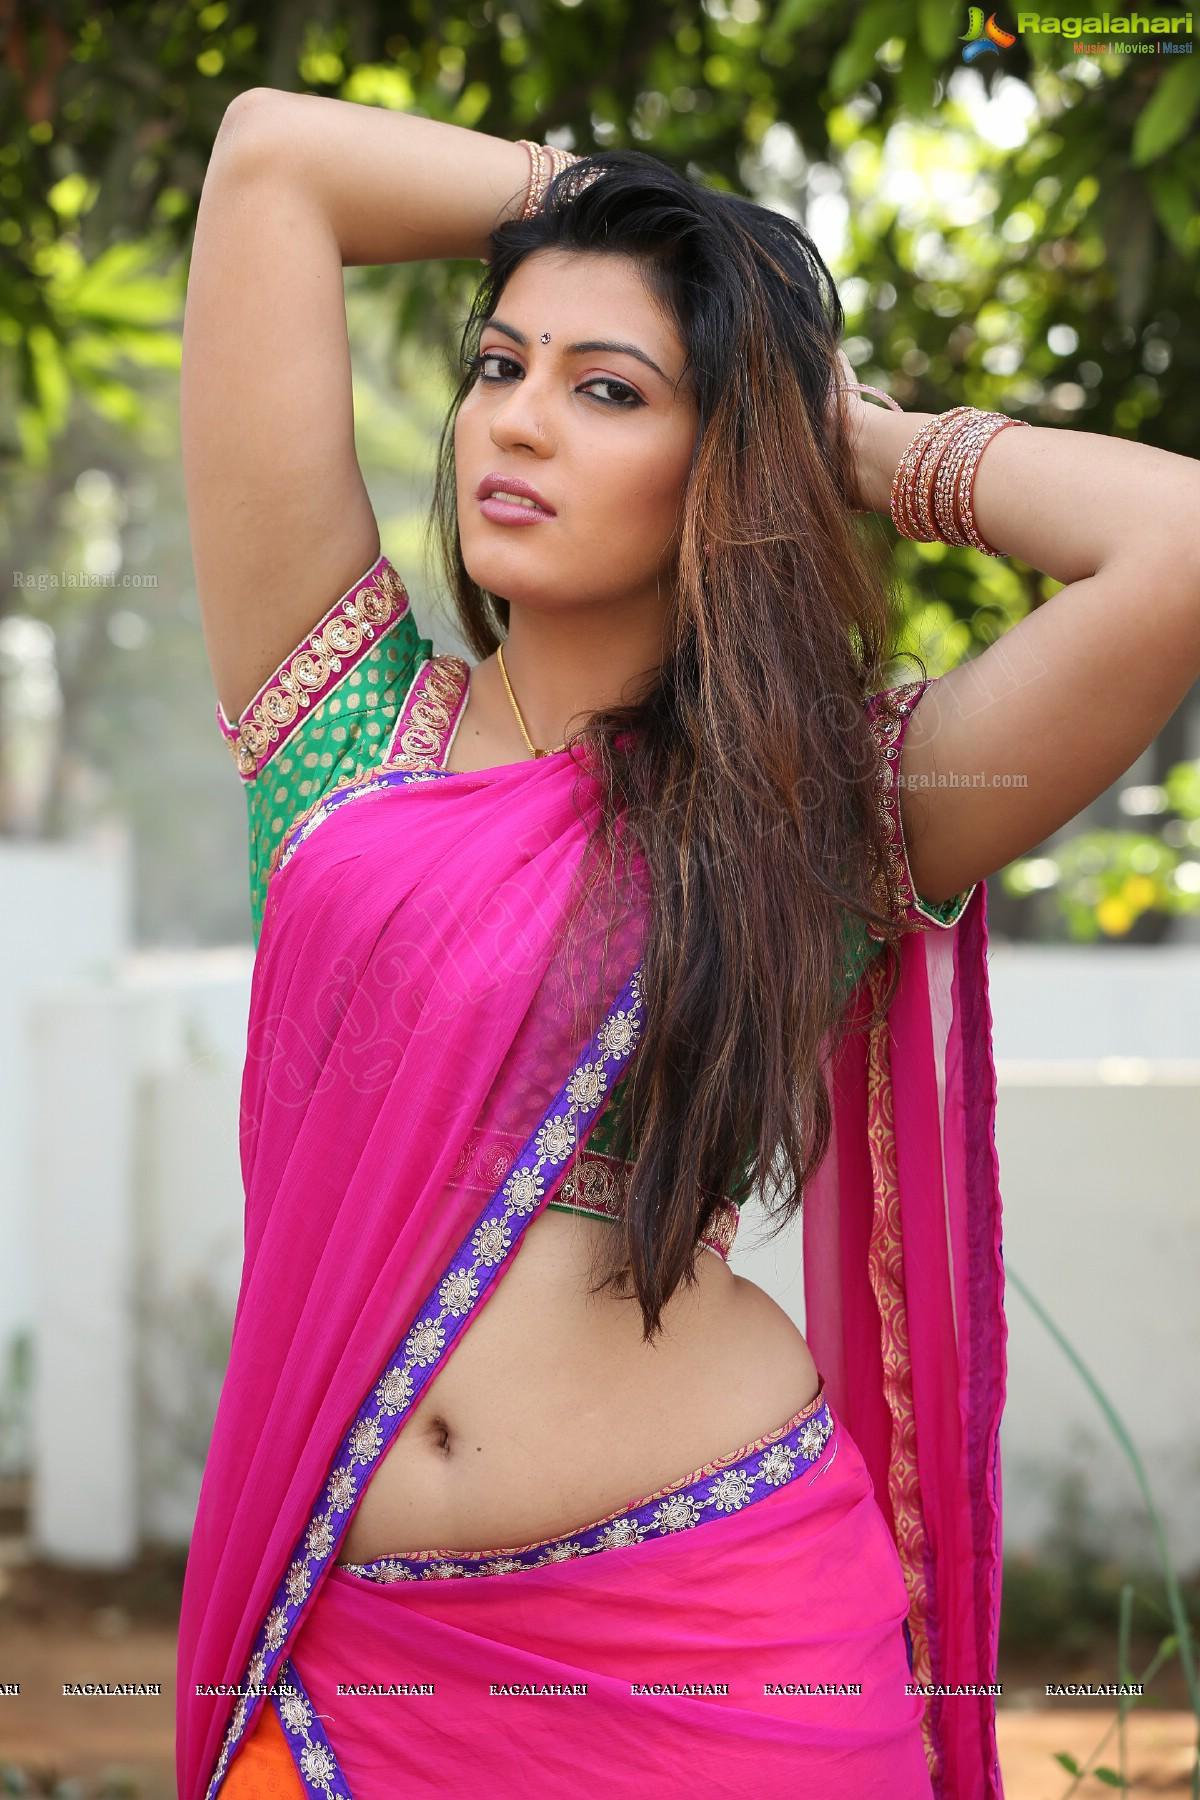 sufi sayyad spicy hot actress hot saree hot navel hot cleavage